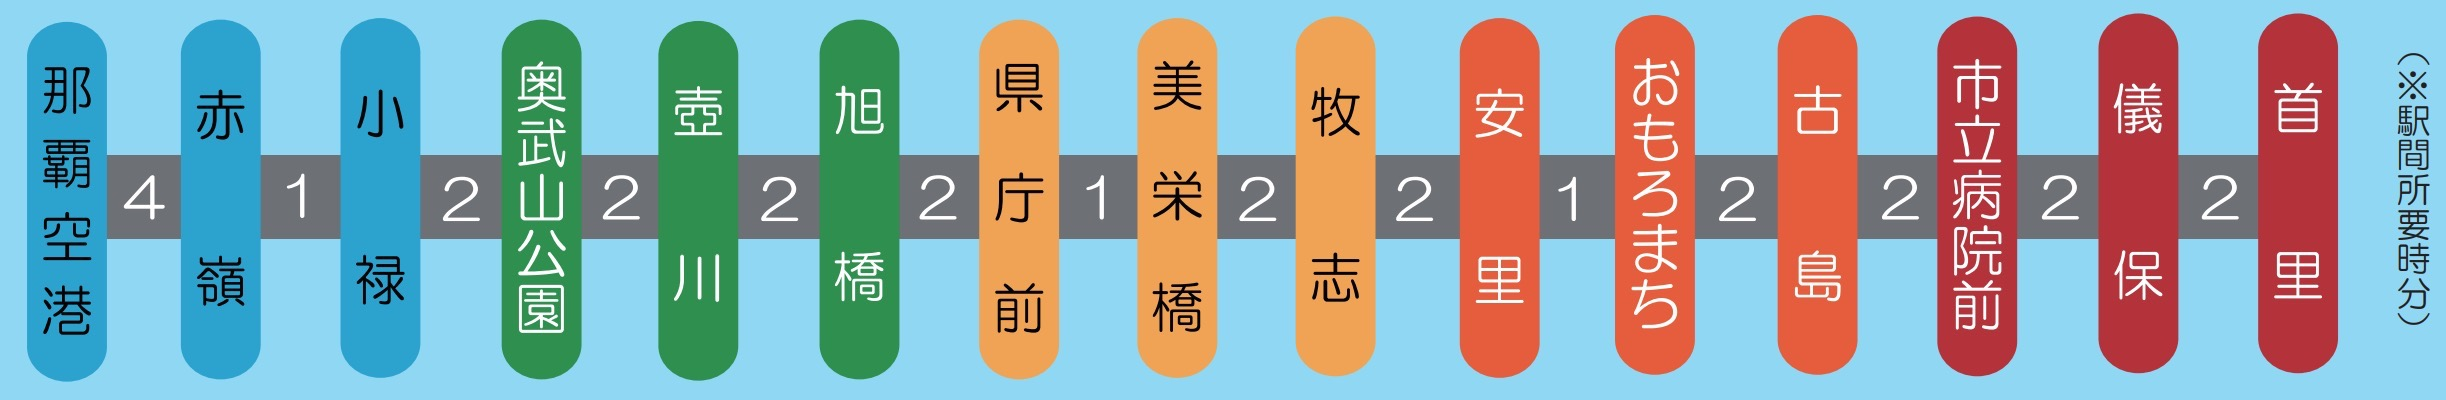 沖繩單軌列車車站時間